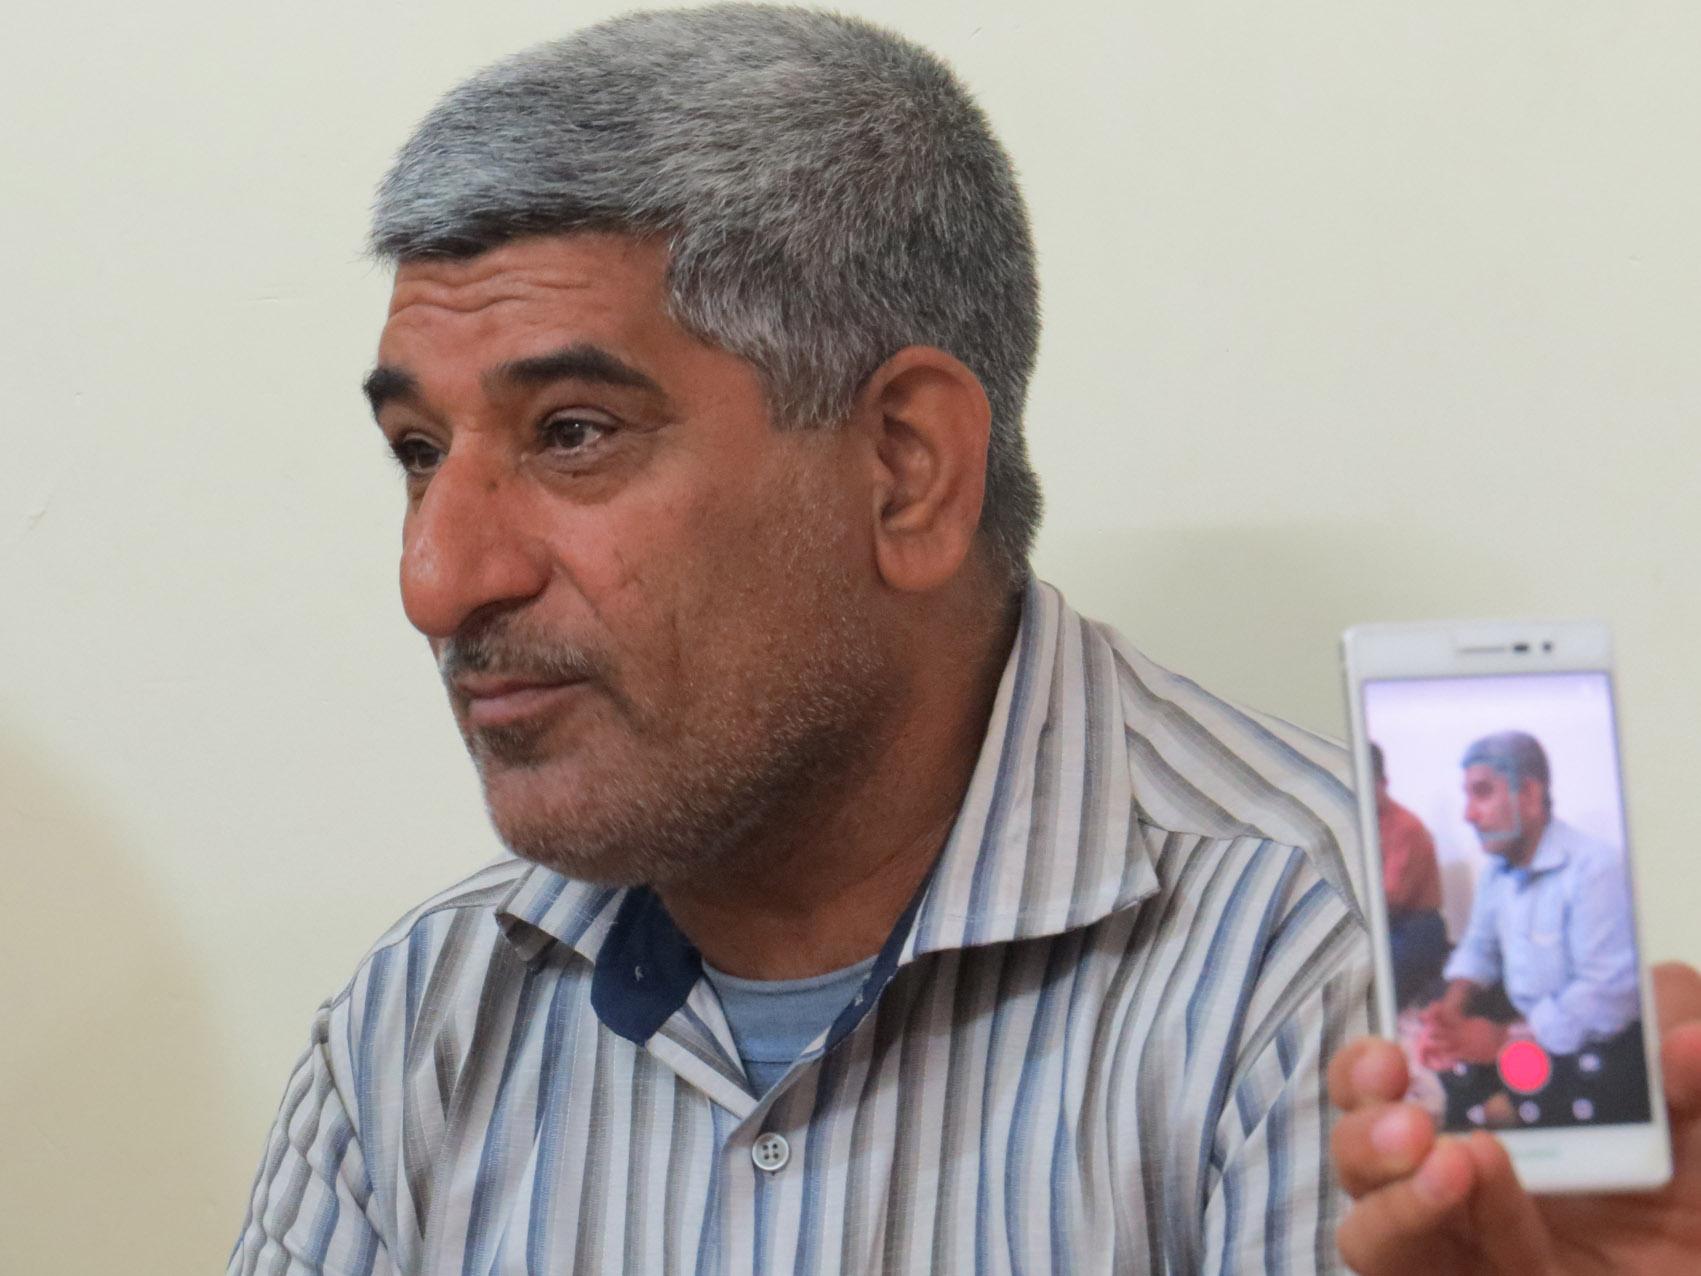 http://s6.picofile.com/file/8245013718/didar_shahid_khani_pn_behbahan_8_.jpg